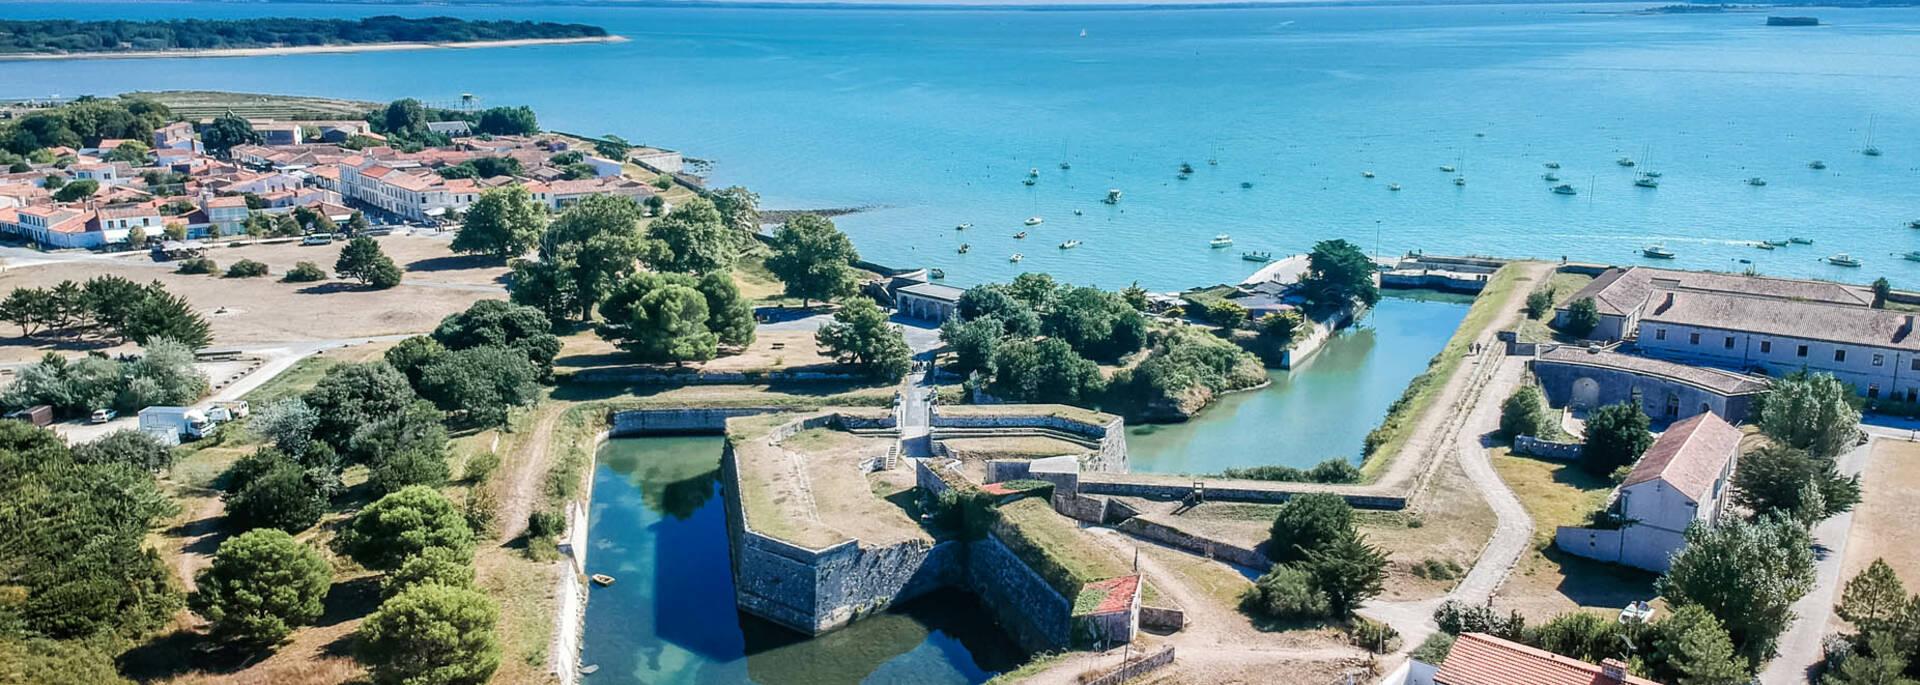 Vue aérienne des remparts de l'Ile d'Aix ©L.Pétillon